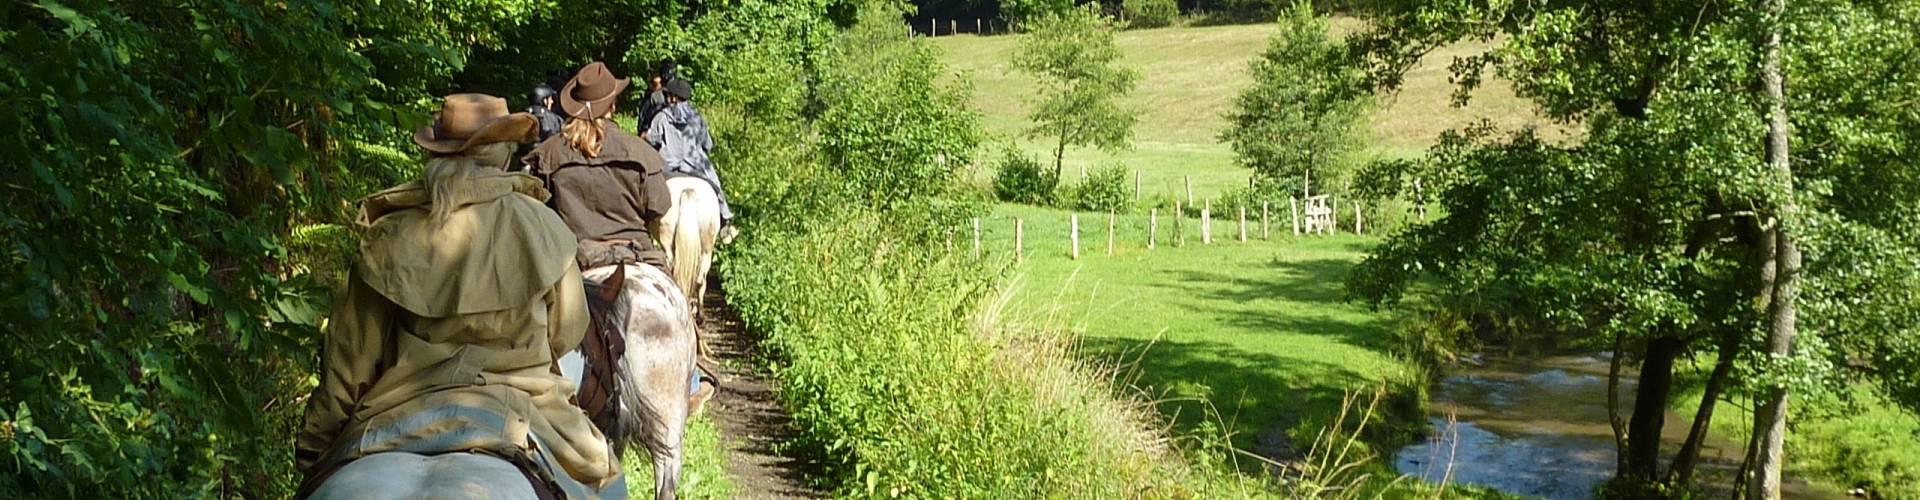 reittour 16 vom mullerthal in den luxemburger westen 8 km